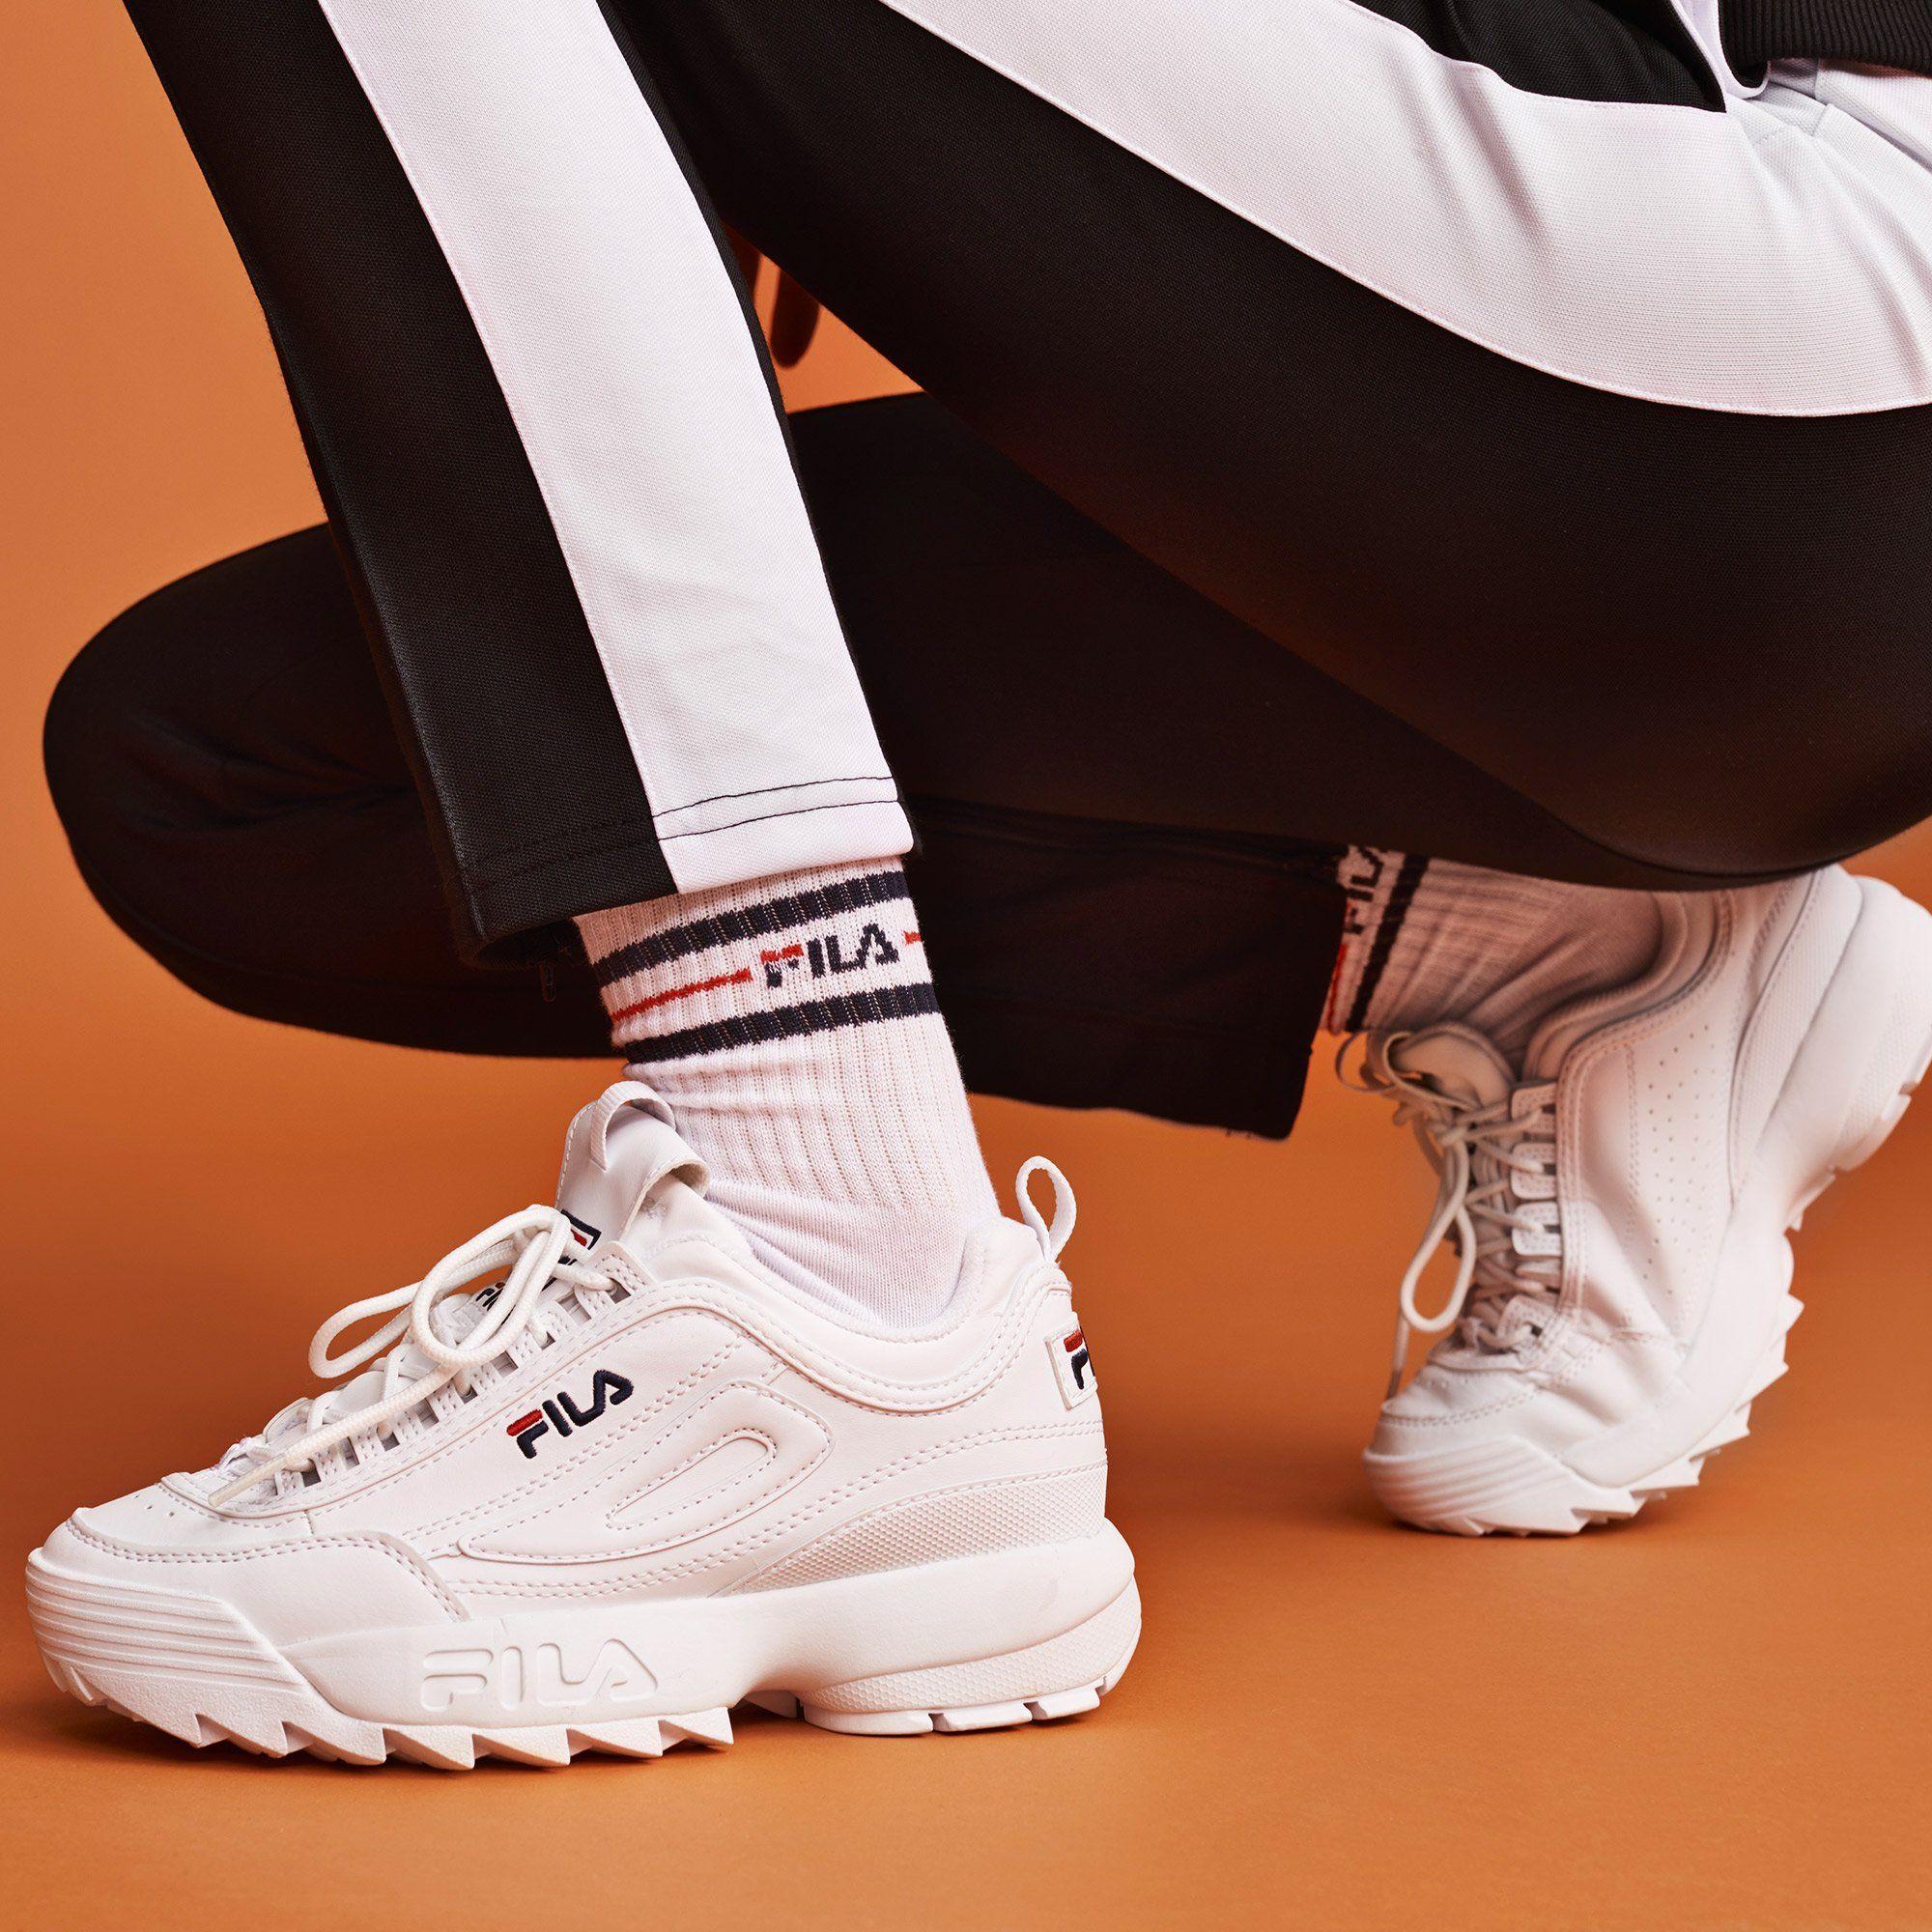 7fb92eb740bcc0 Des baskets Fila automne hiver Chaussure De Marque Femme, Chaussure Femme  Tendance, Chaussure Mode